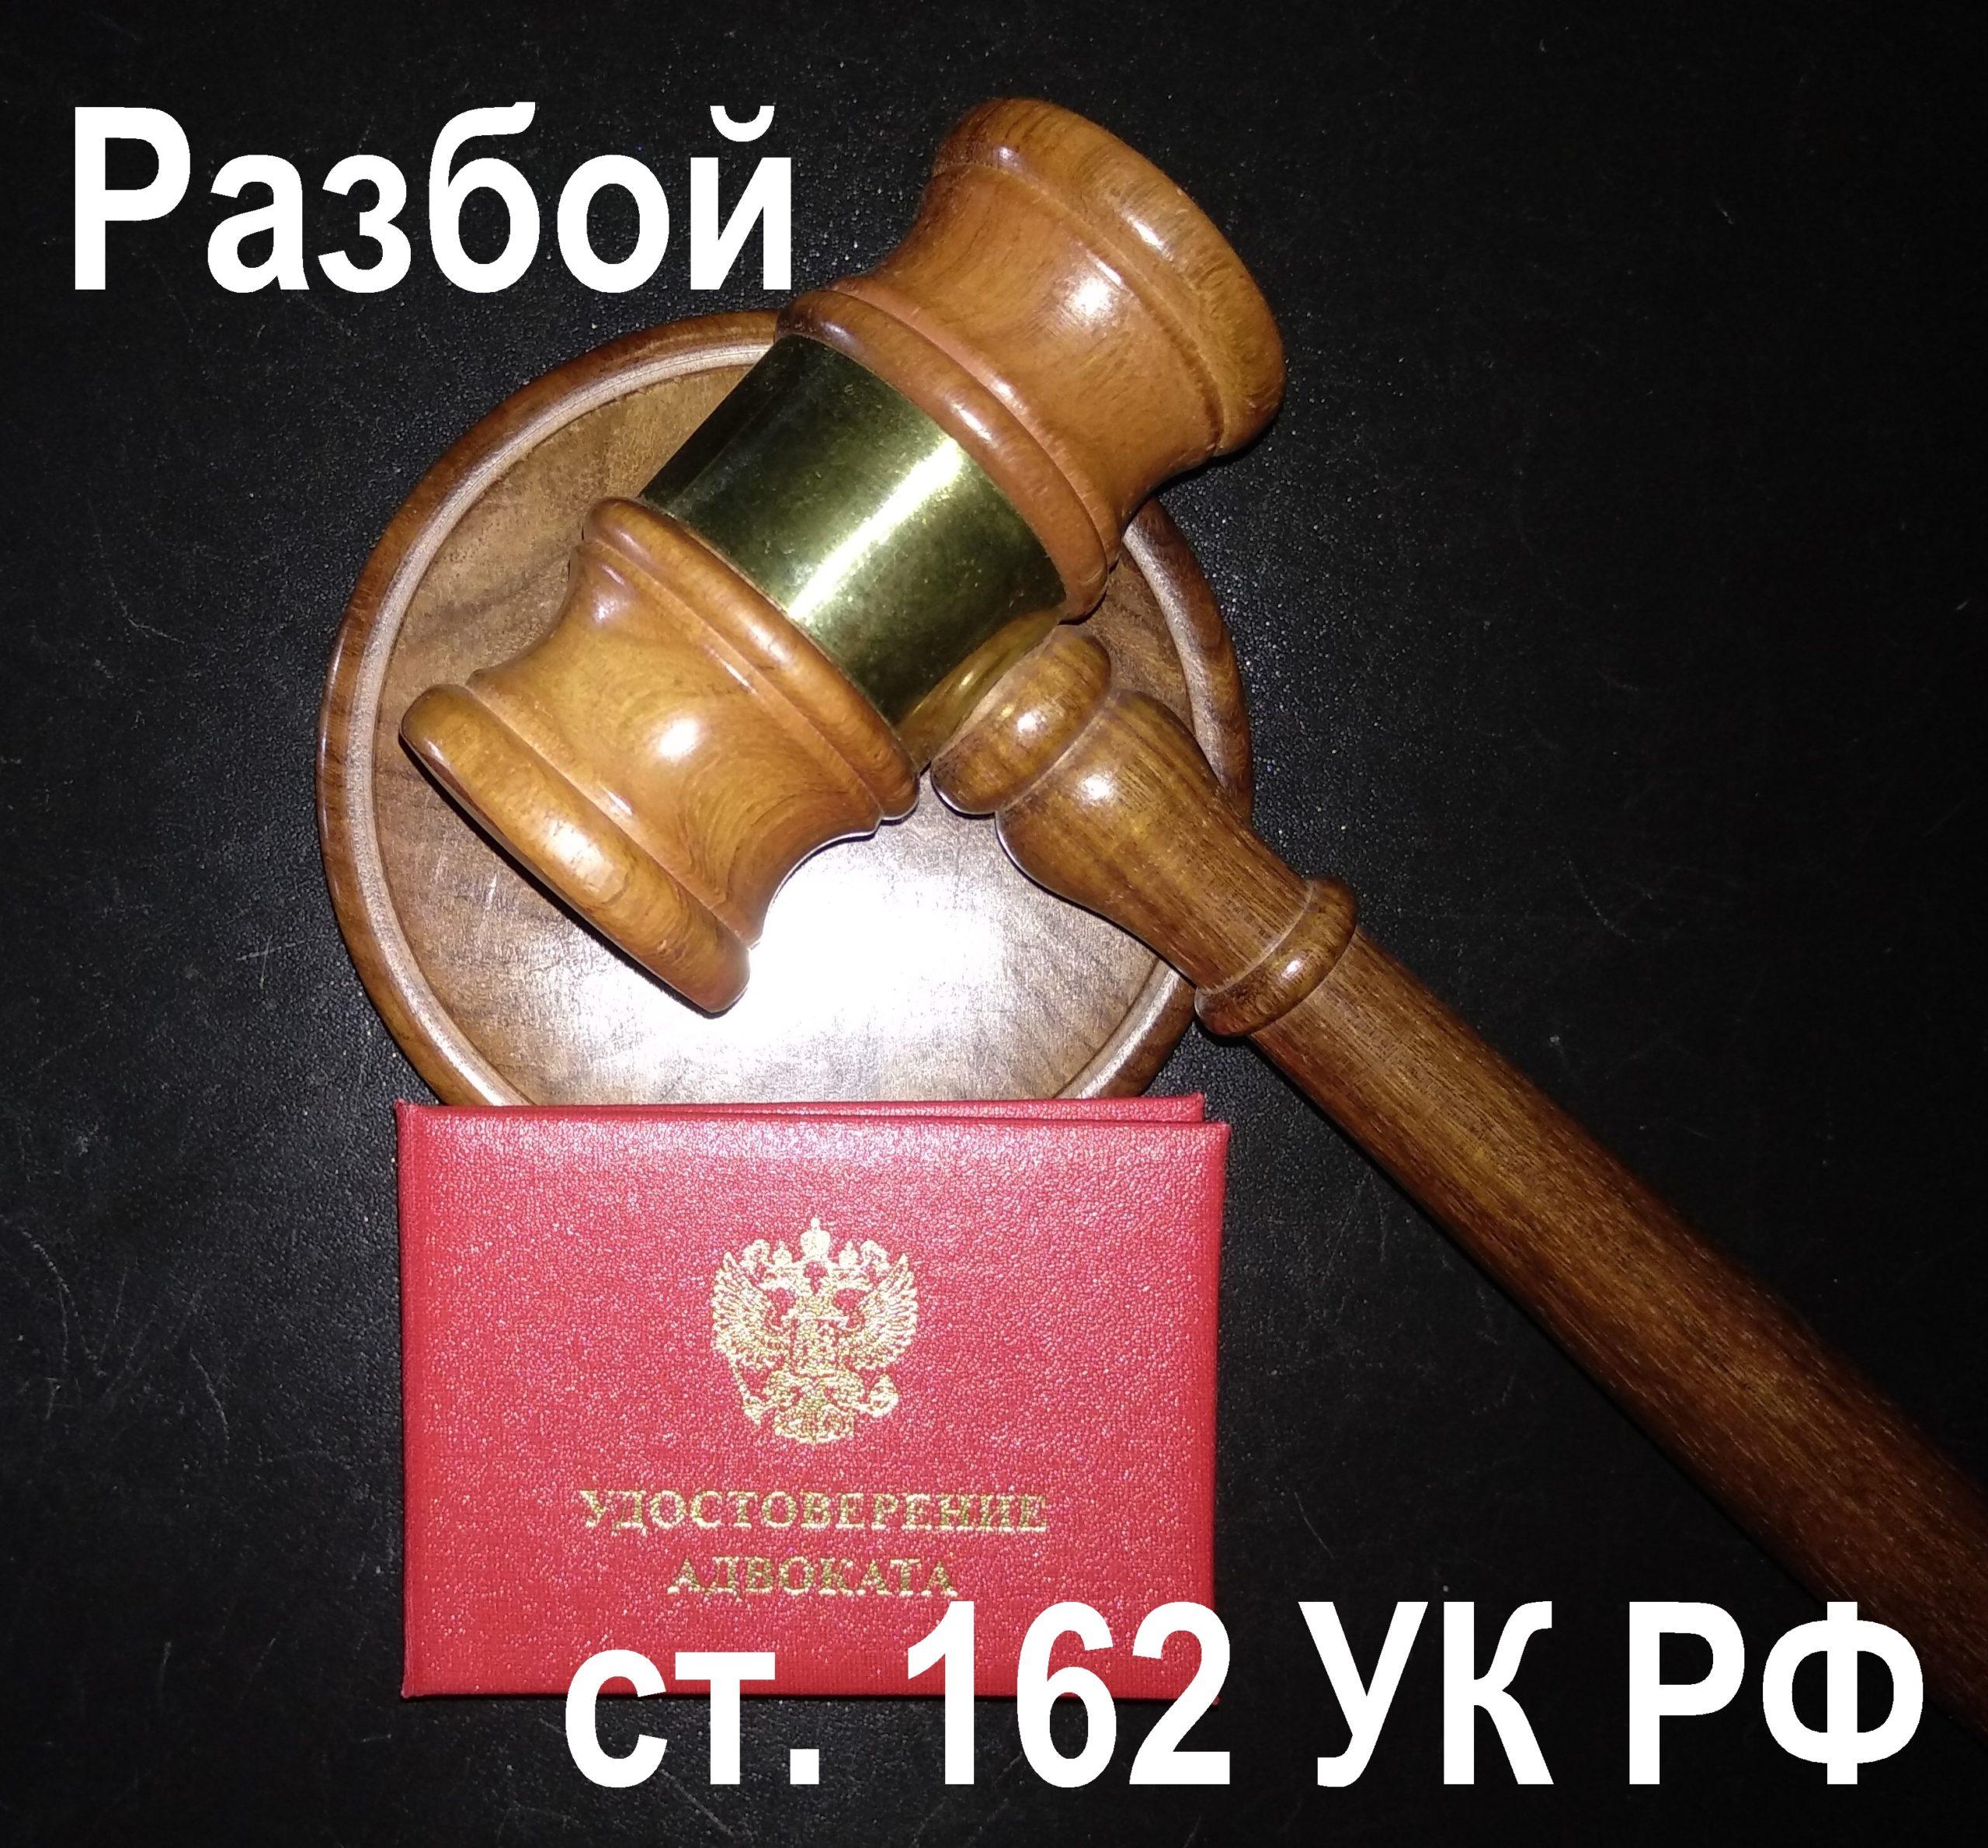 Адвокат по ст. 162 УК РФ Разбой